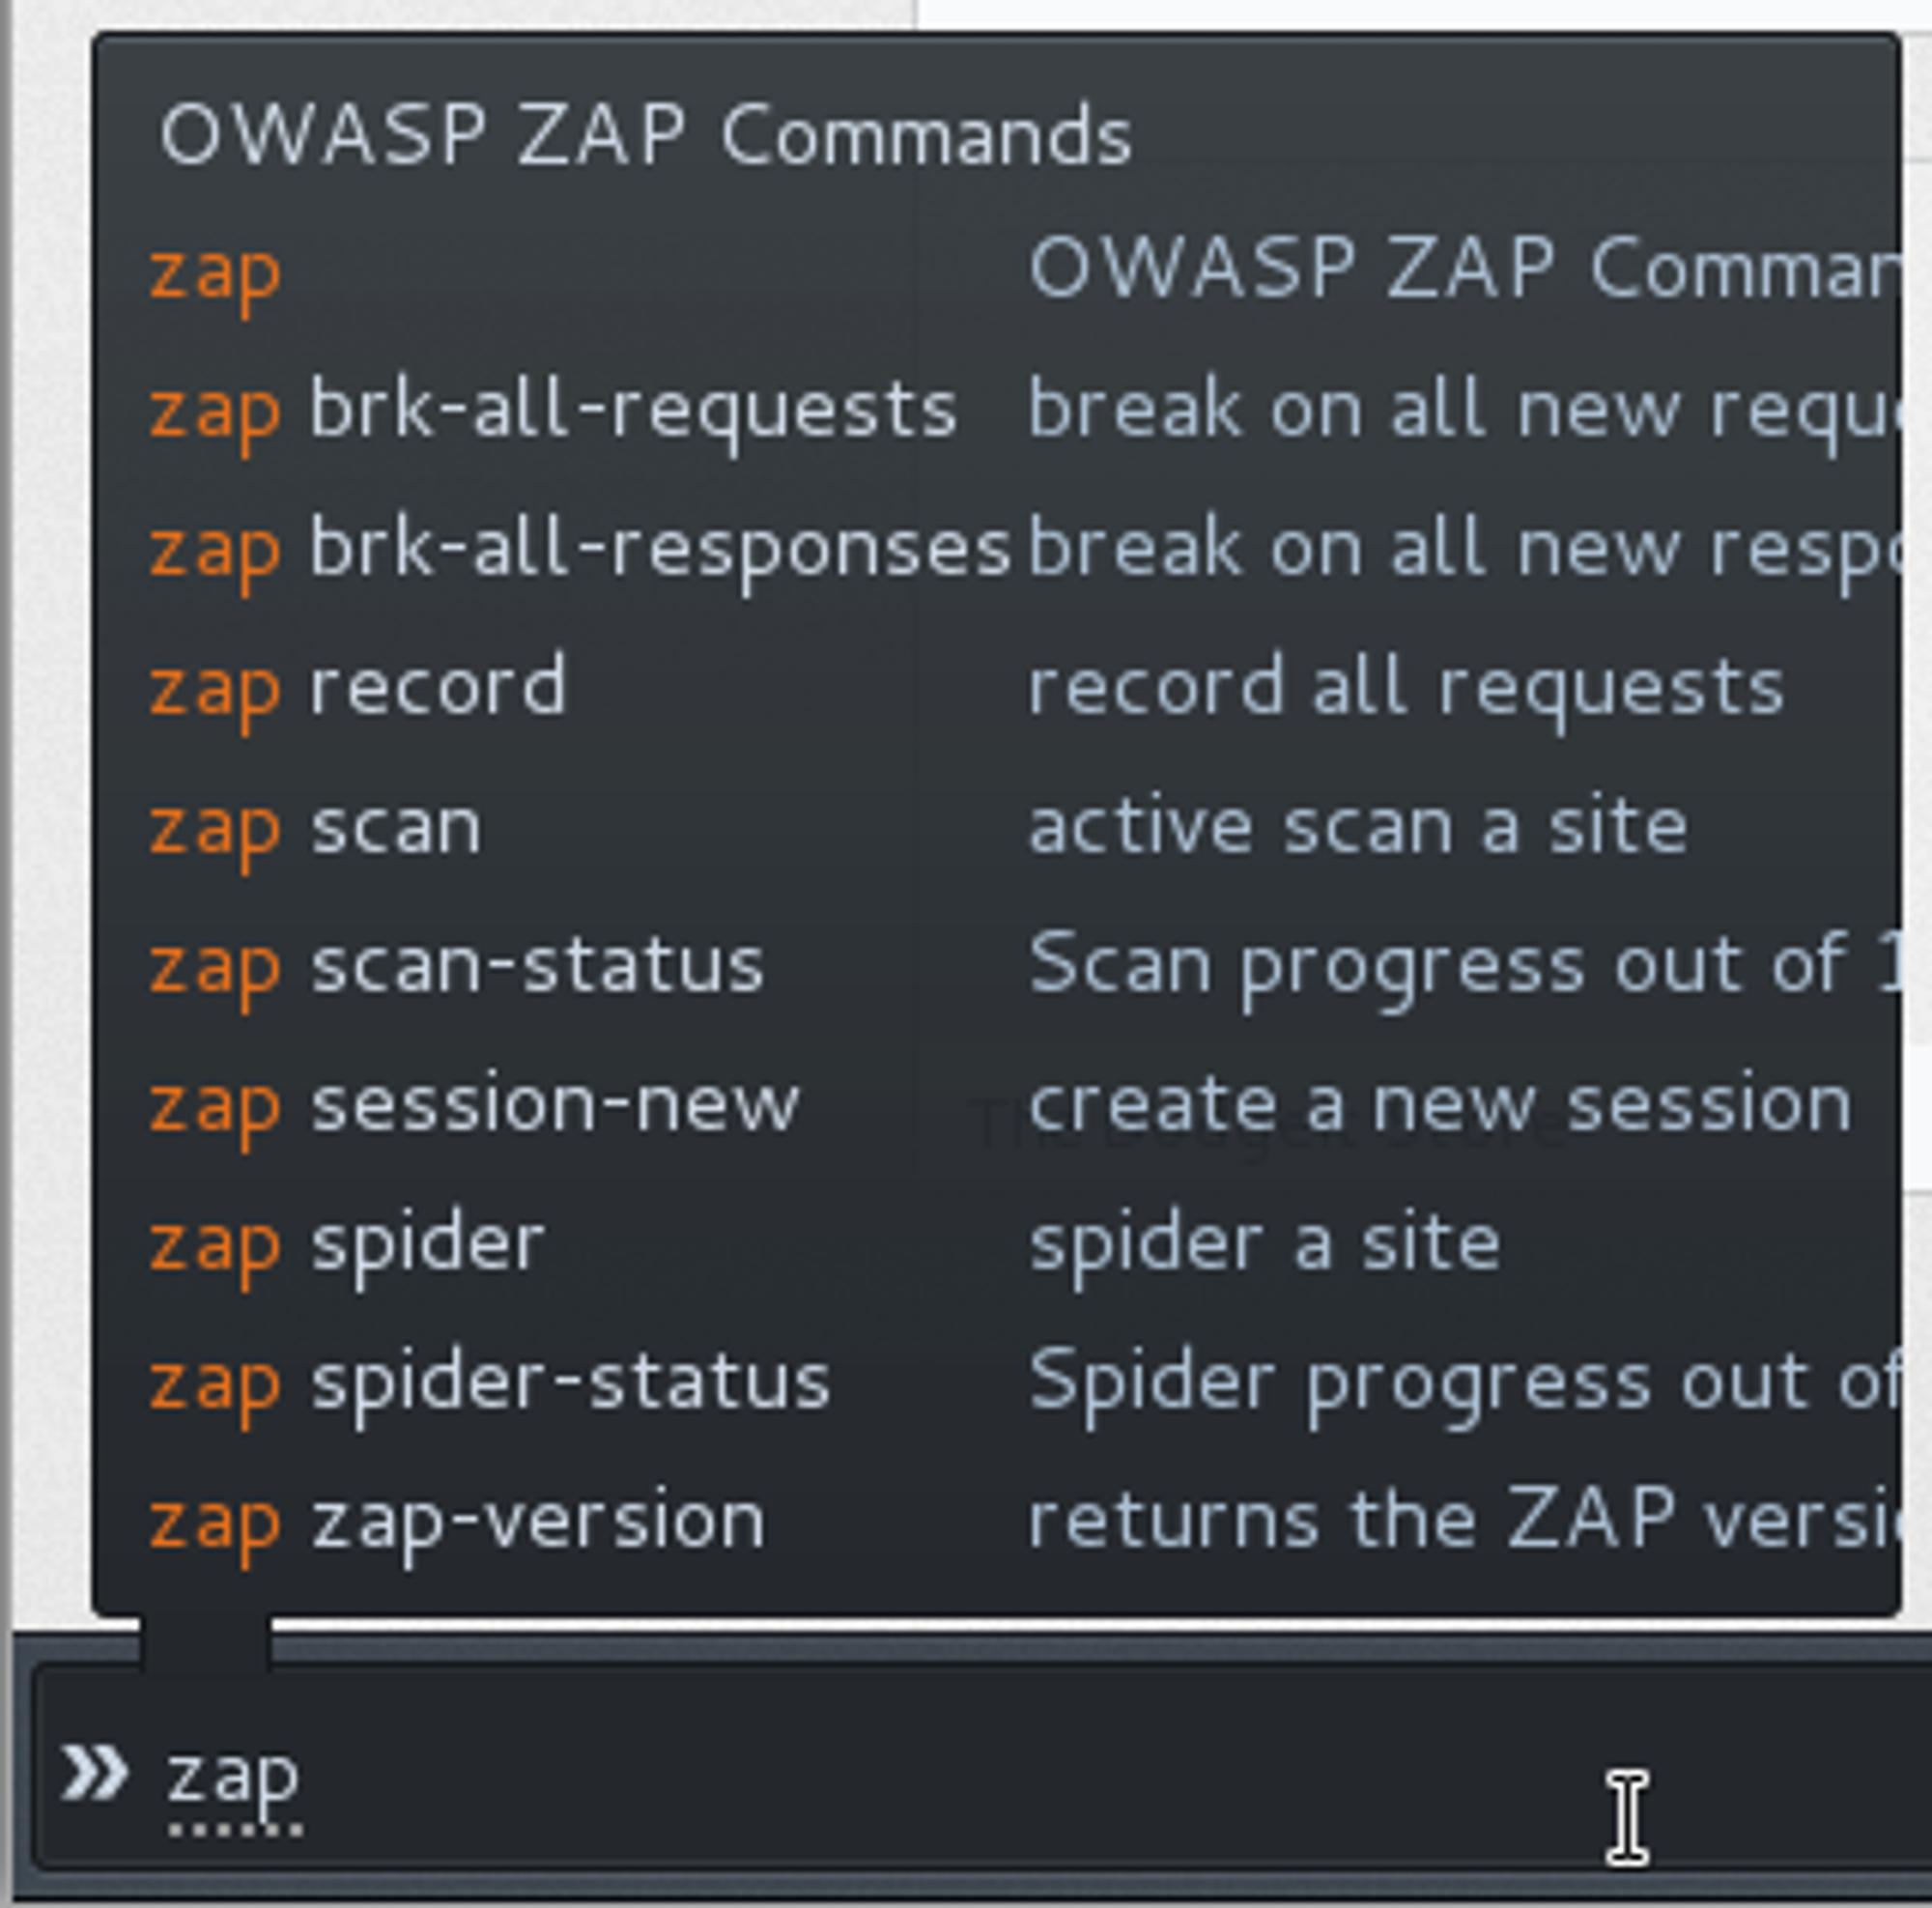 OWASP ZAP-kommandoer gjort tilgjengelige i Firefox via Plug-n-Hack-protokollen.